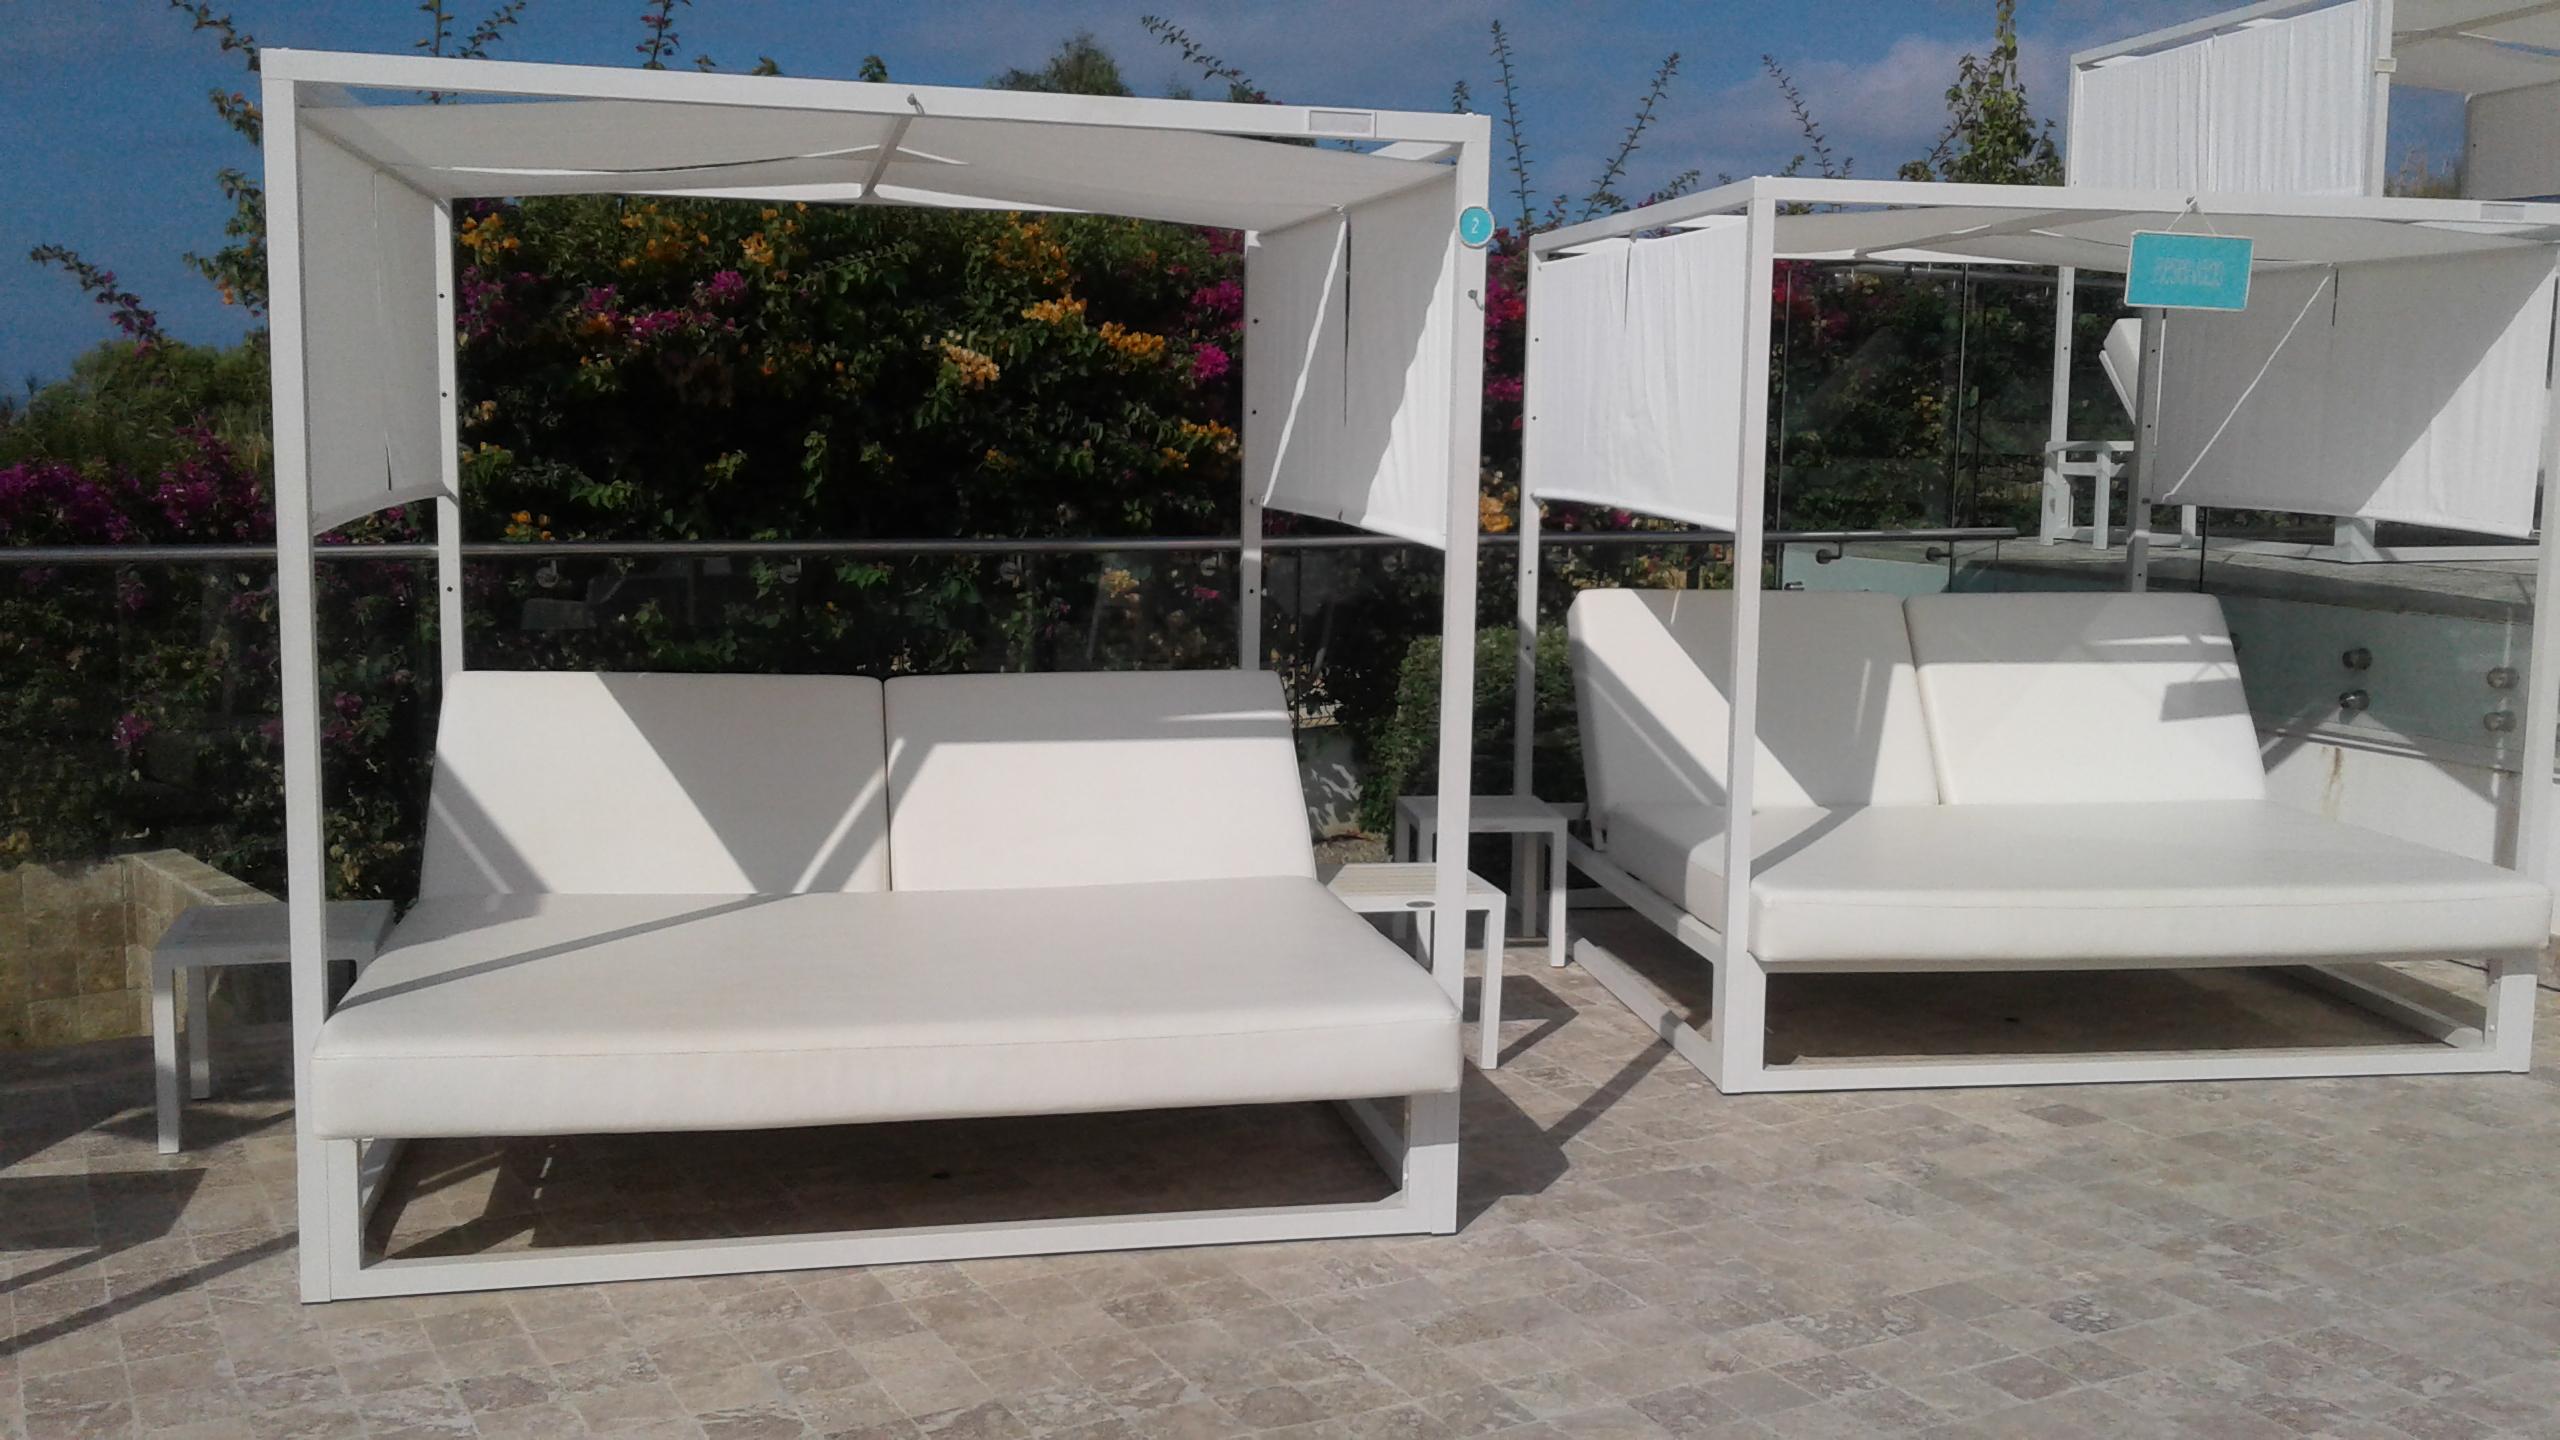 Full Size of Bali Bett Outdoor Kaufen First Reisebro Drachter Neustrasse 24 160x200 Betten Aus Holz Schubladen Bei Ikea Schwebendes 180x220 Barock 120x200 Bettkasten Wohnzimmer Bali Bett Outdoor